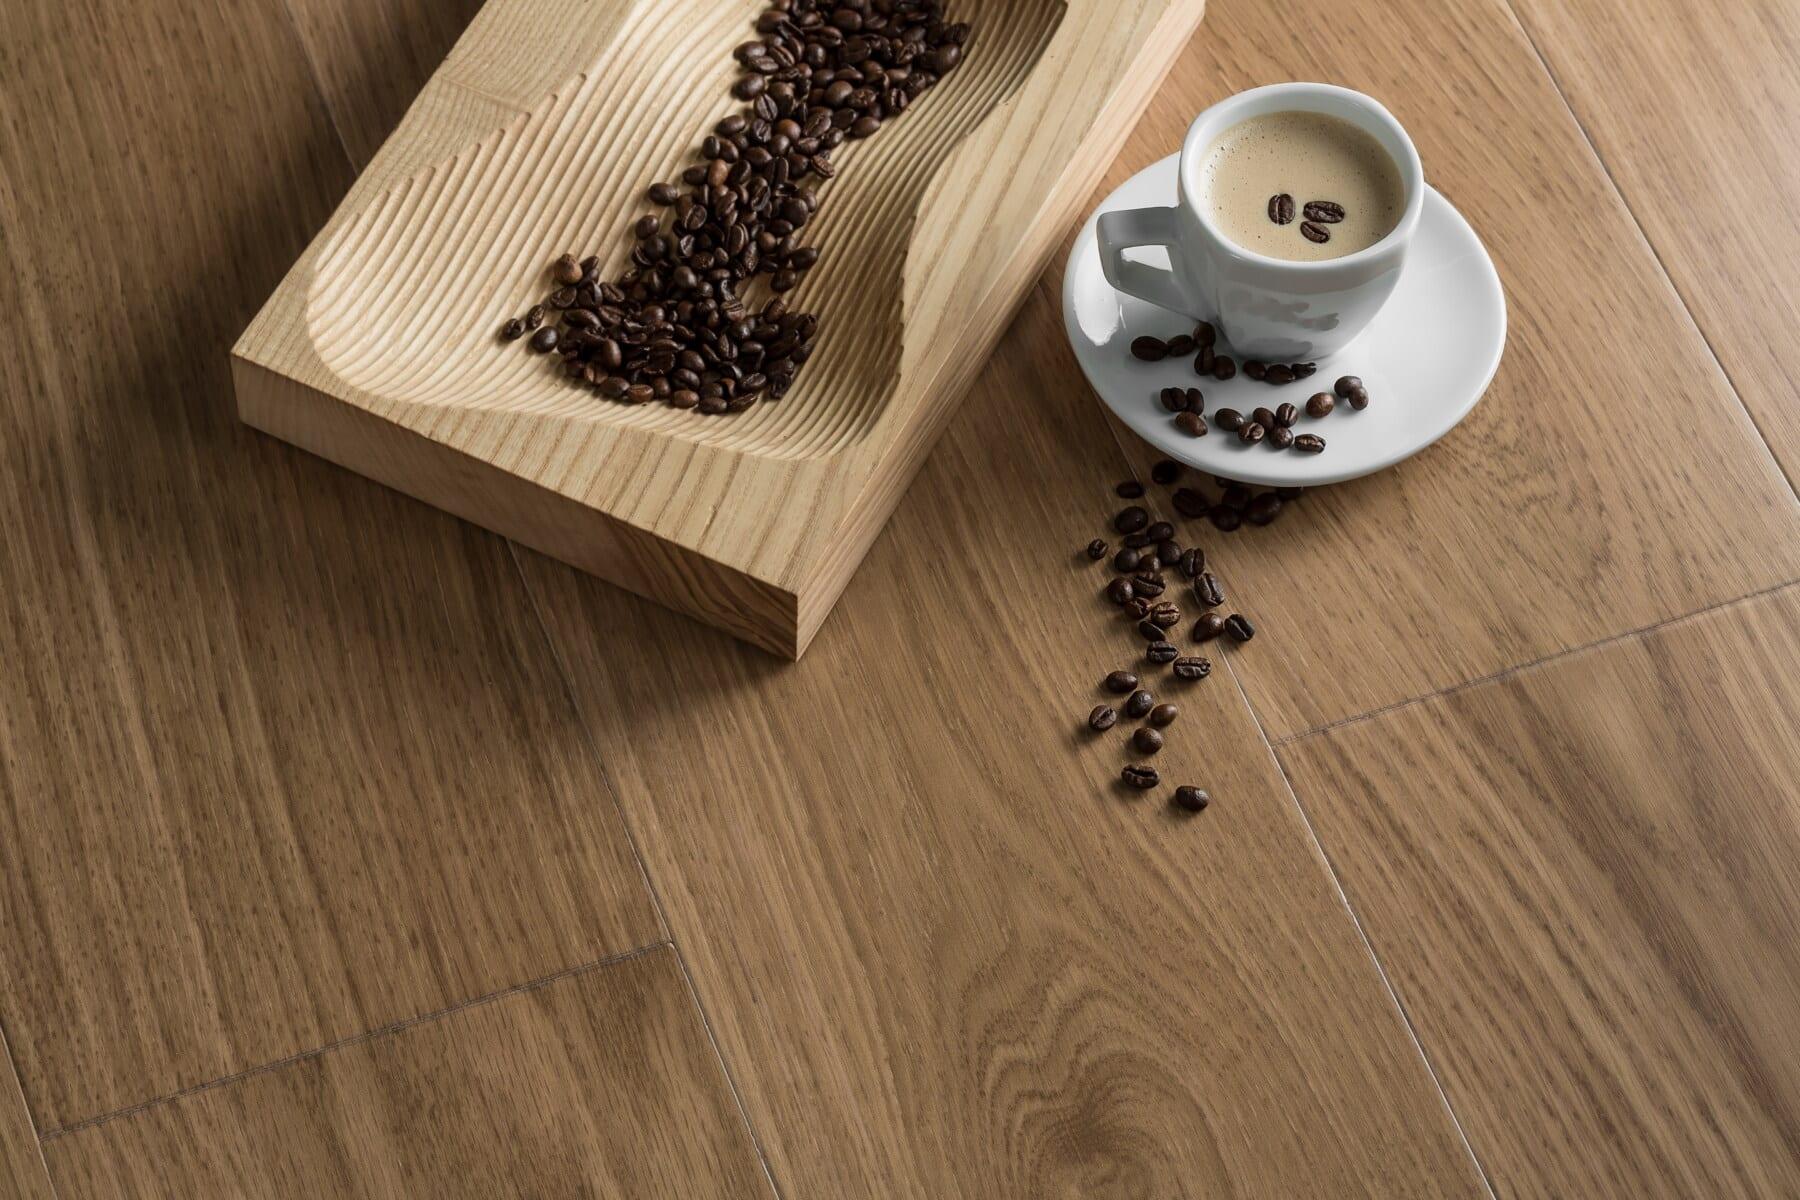 咖啡因, 卡布奇诺, 黑暗, 咖啡杯, 烤, 咖啡, 咖啡, 木材, 饮料, 热